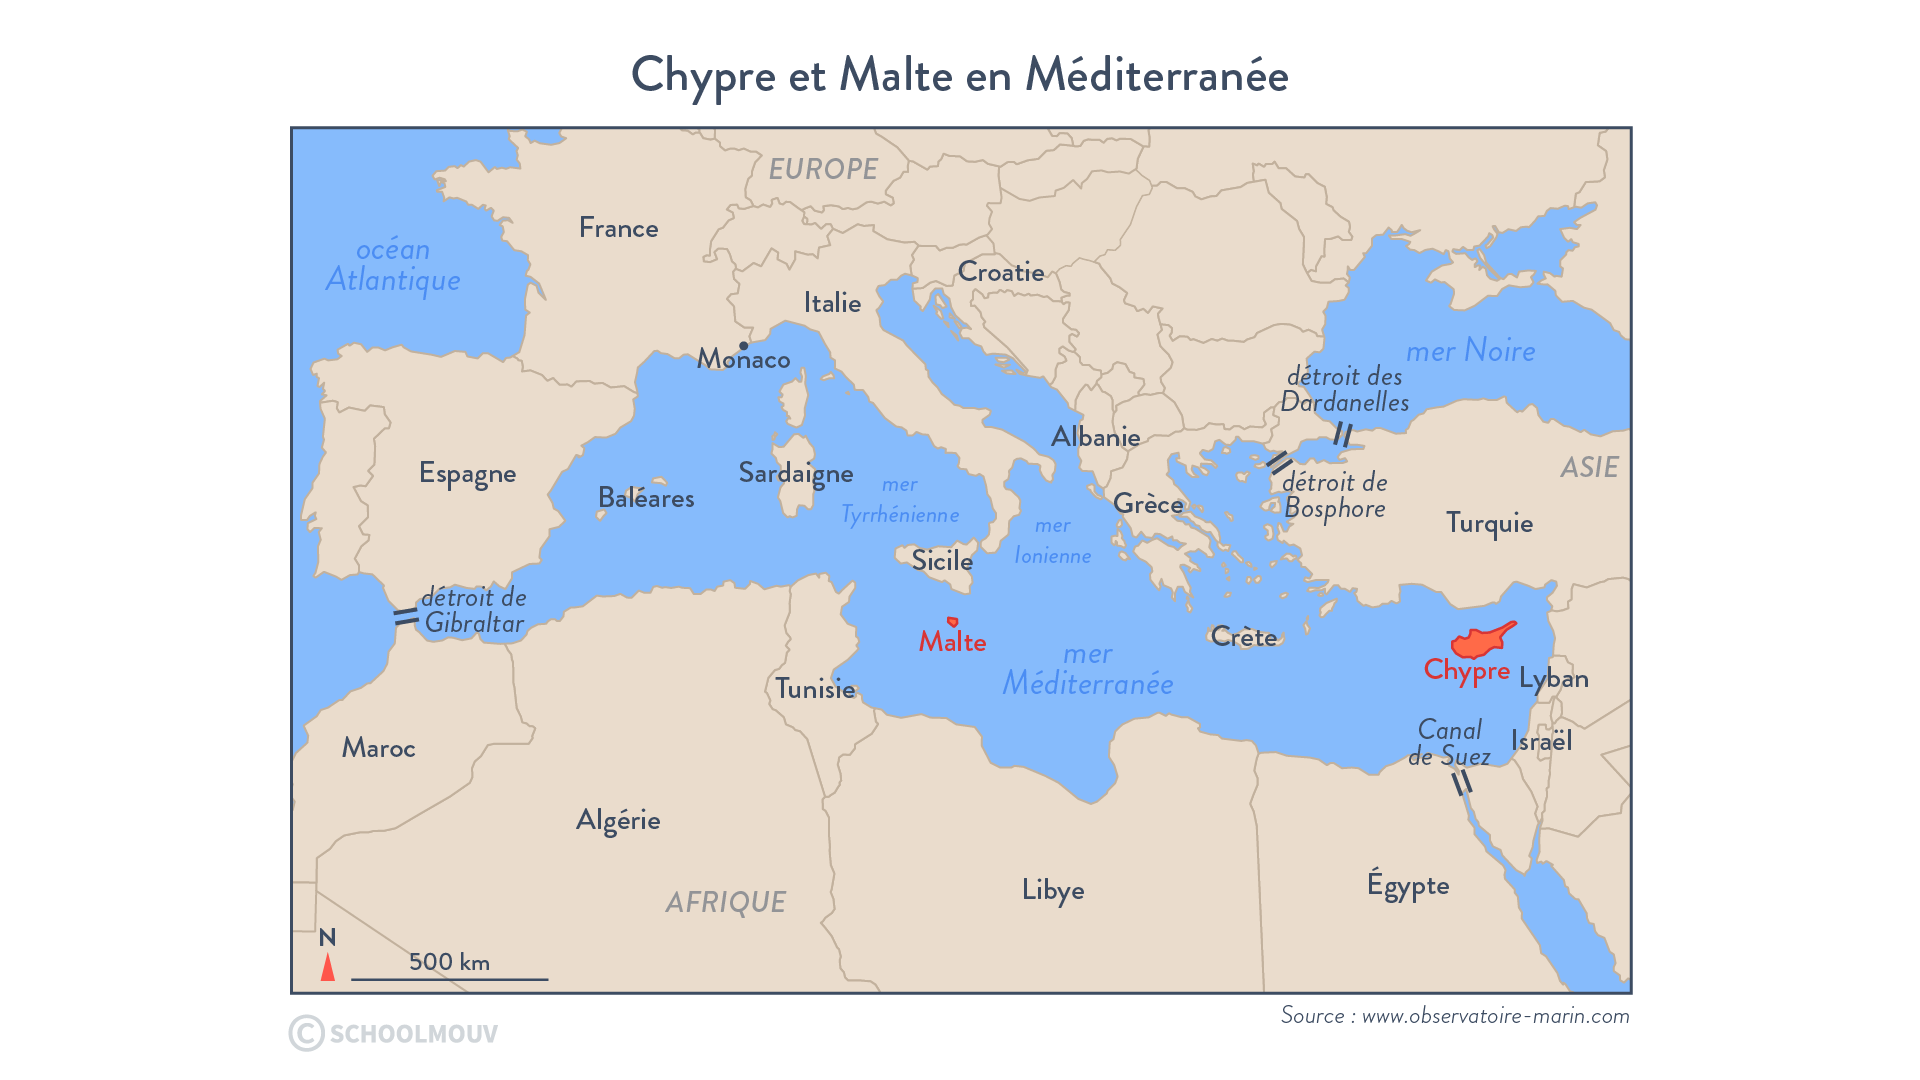 Chypre et Malte en Méditerranée - Géographie - Terminale - SchoolMouv